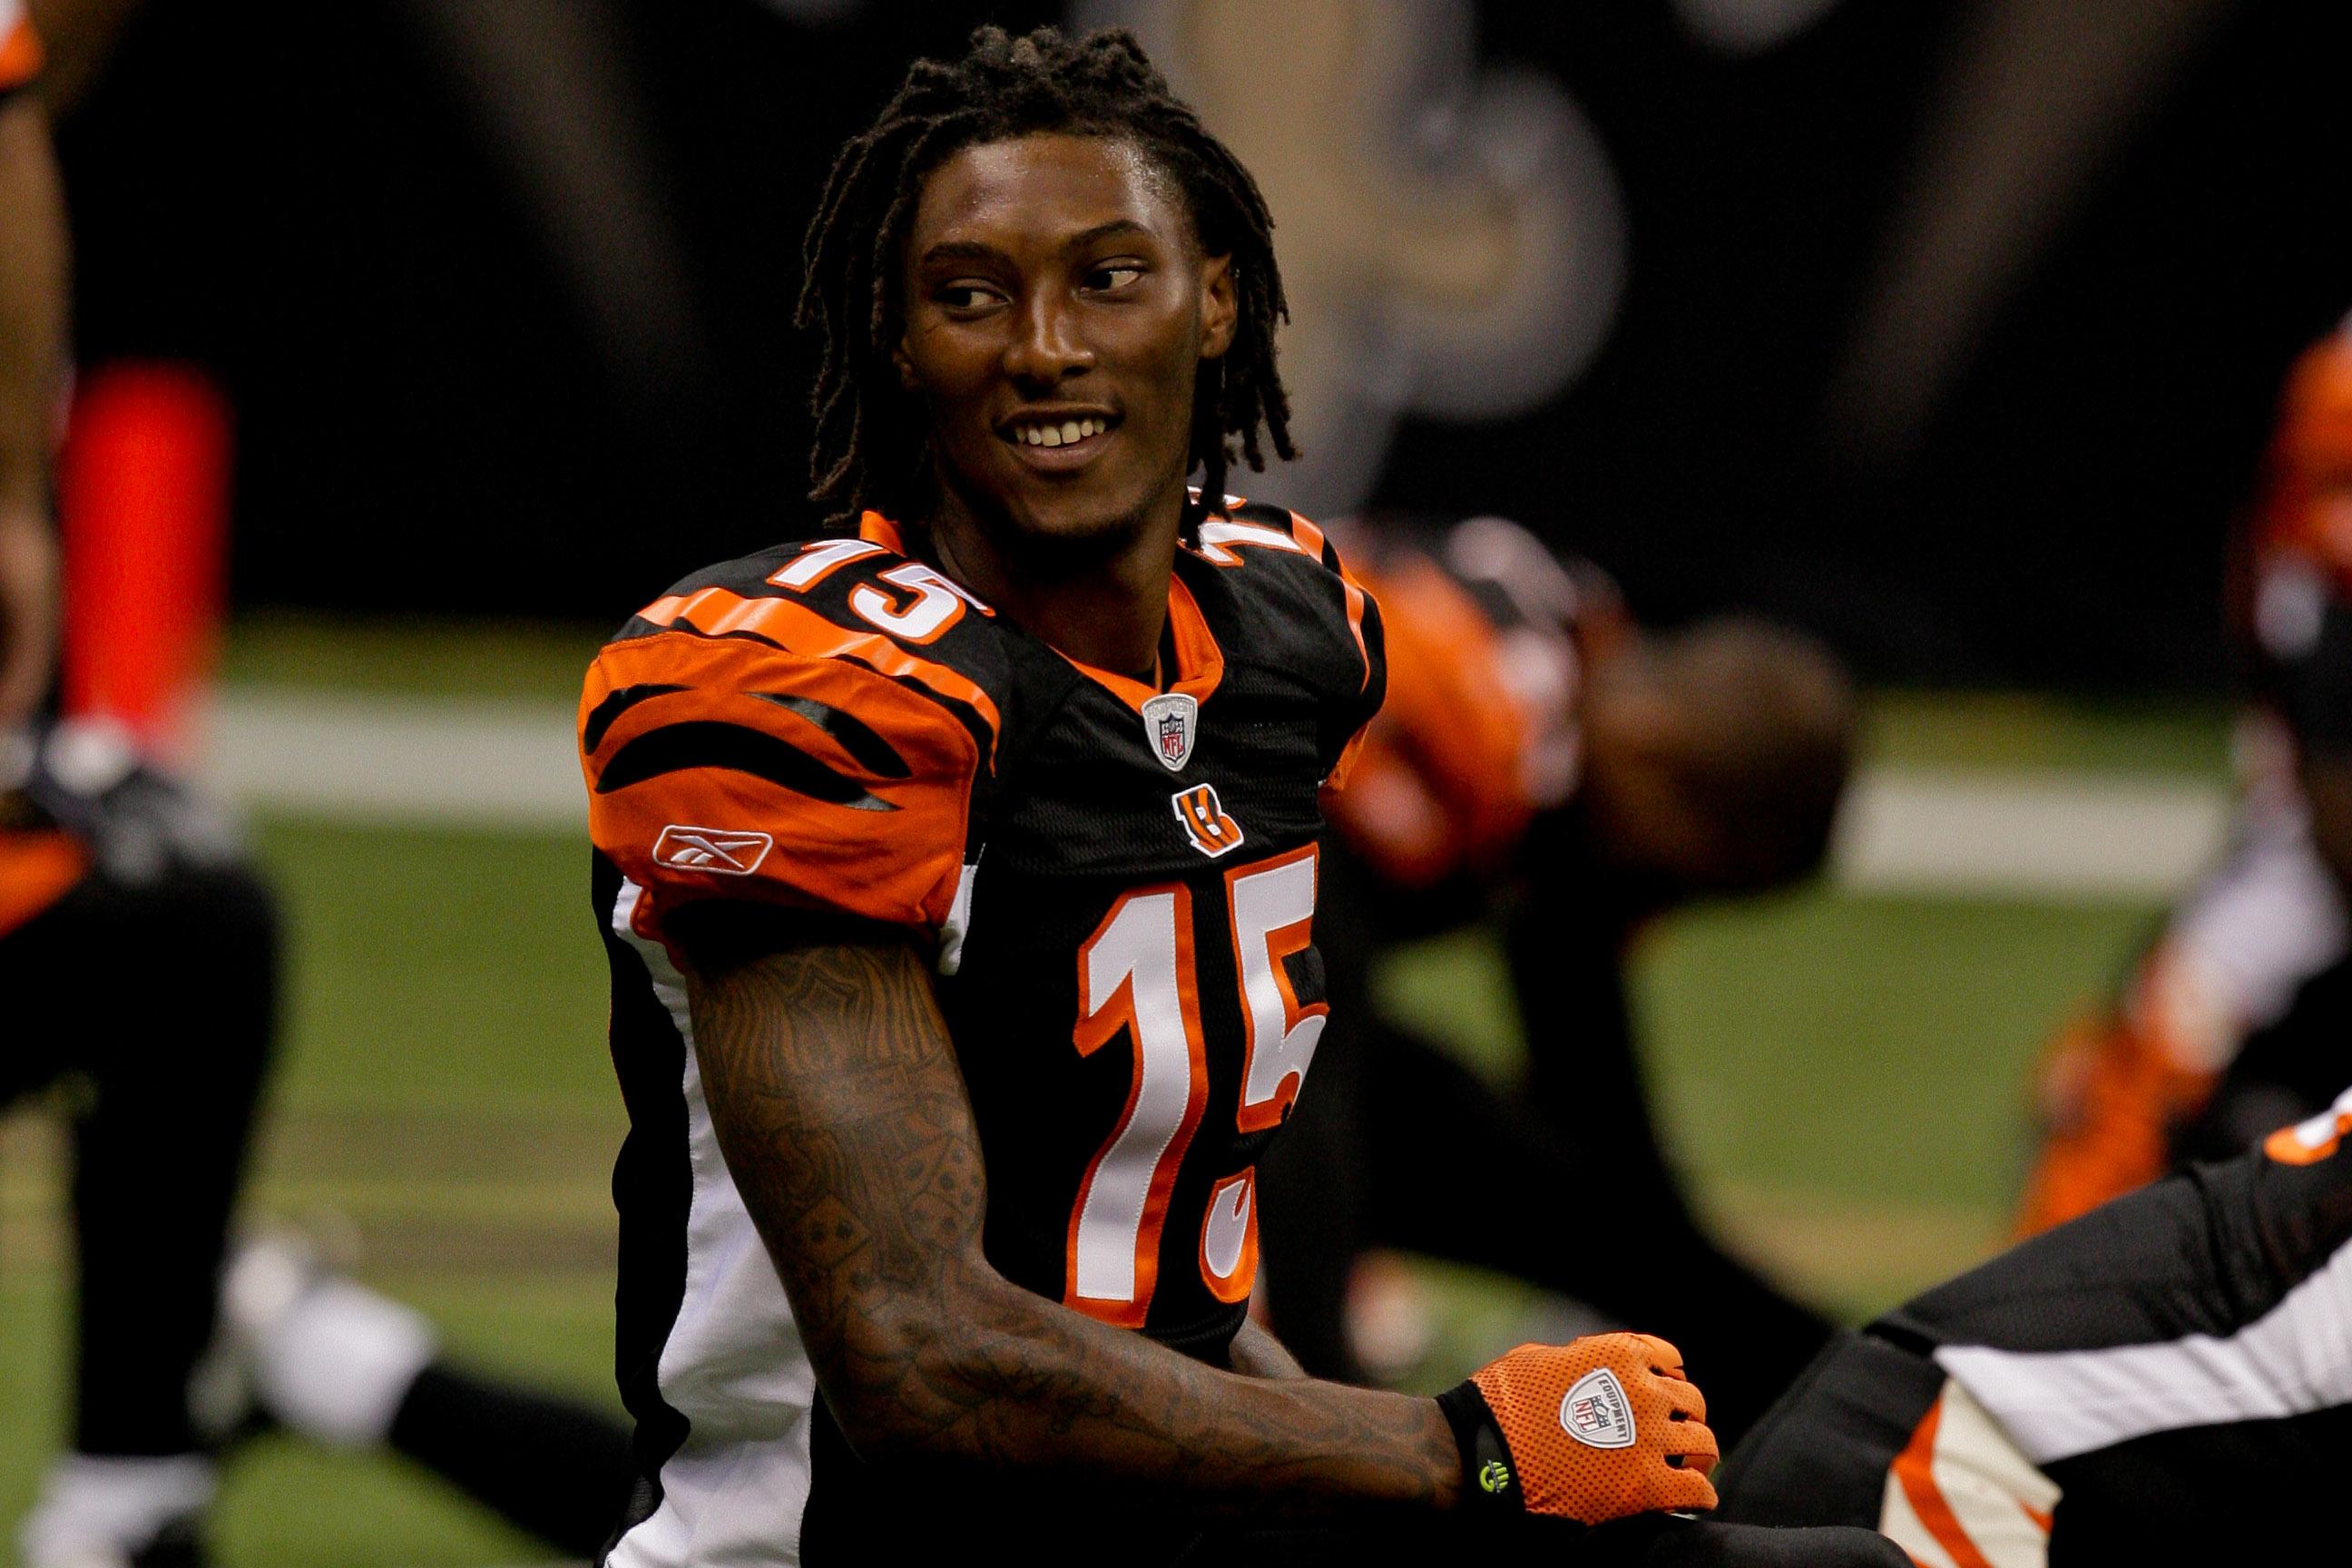 Cincinnati Bengals wide receiver Chris Henry in 2009